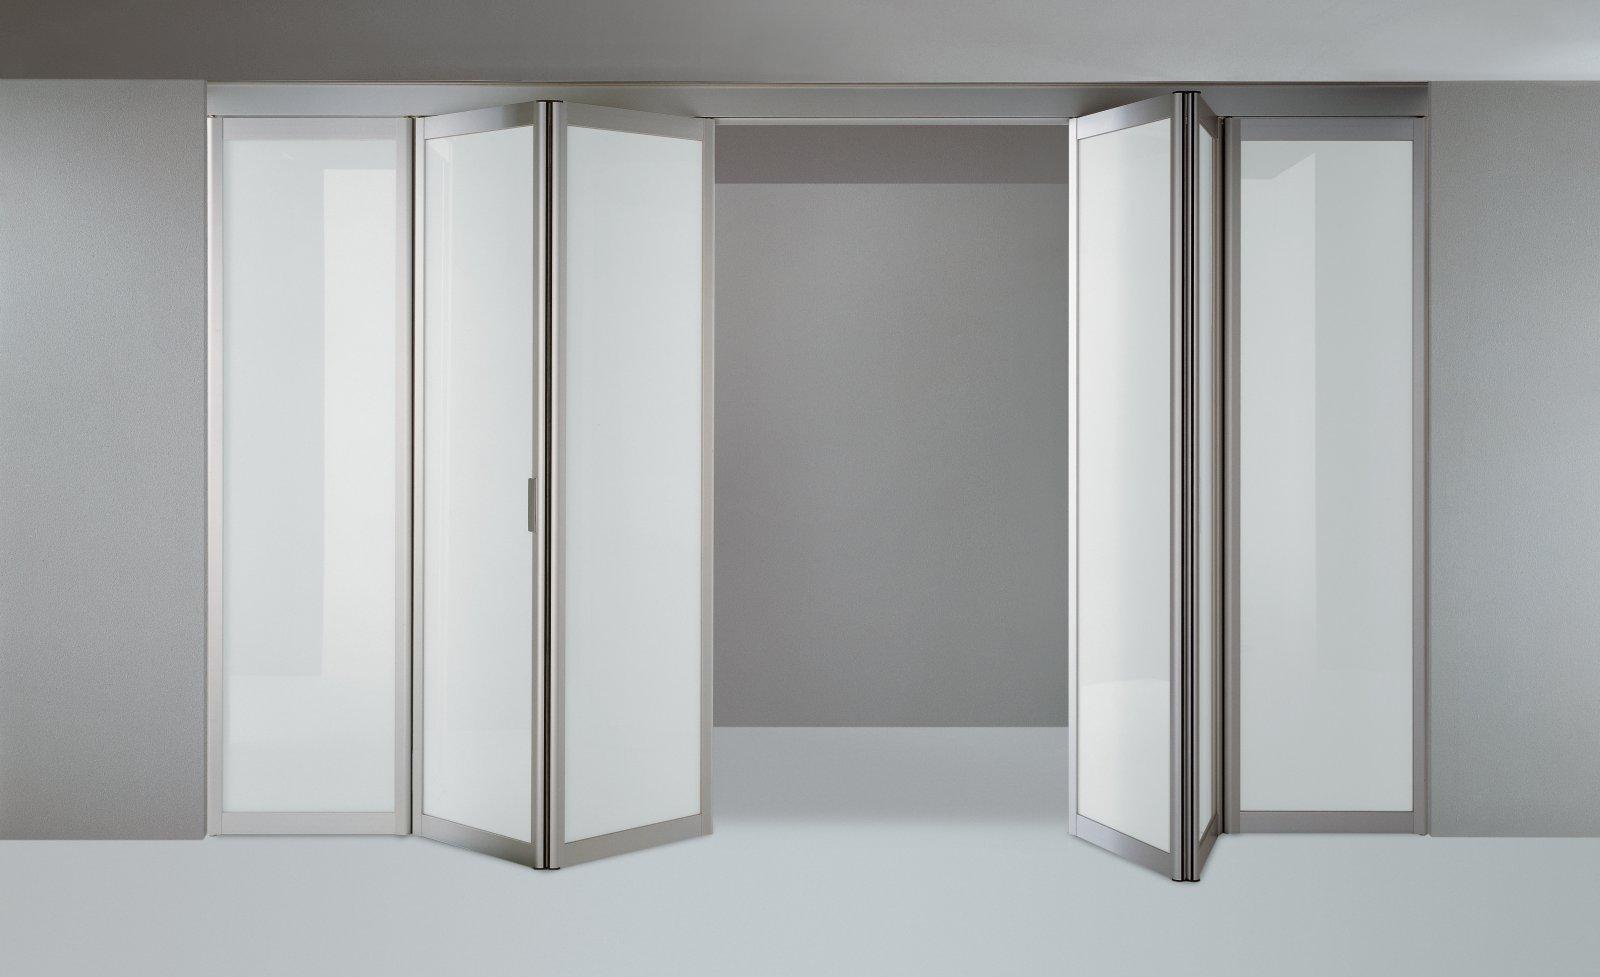 Puertas correderas para el interior de nuestro hogar - Puertas correderas abatibles ...